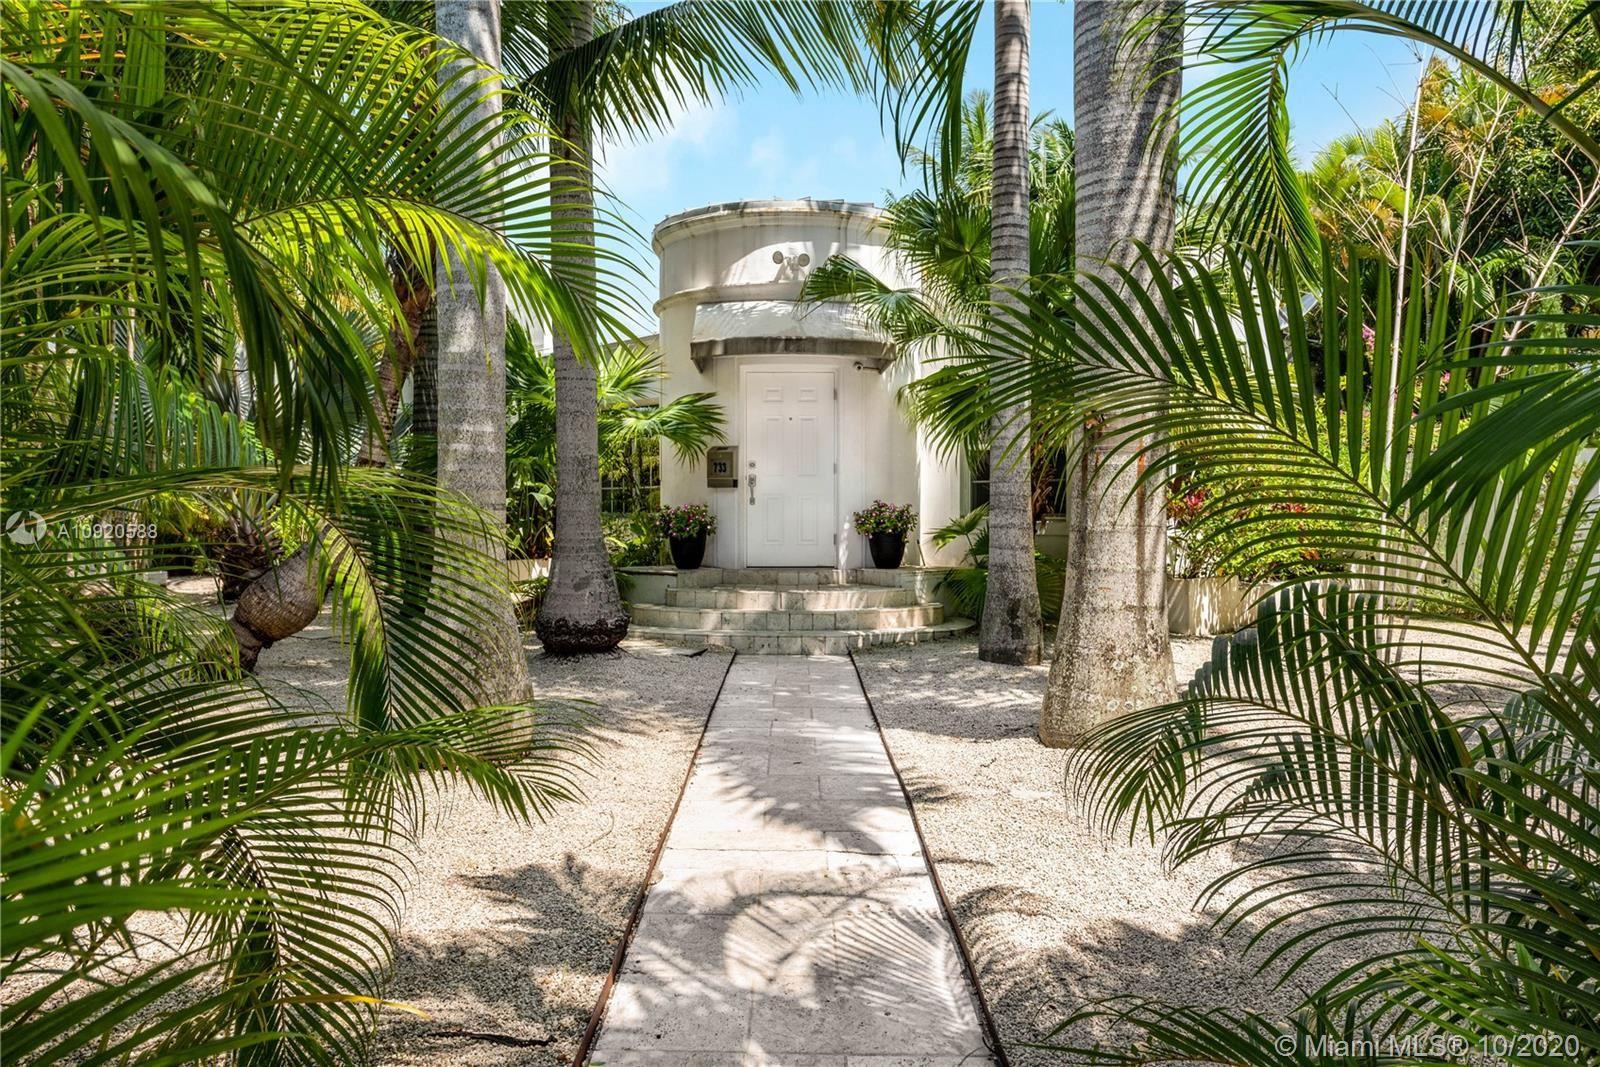 733 NE 75th St, Miami, FL 33138 - #: A10920588